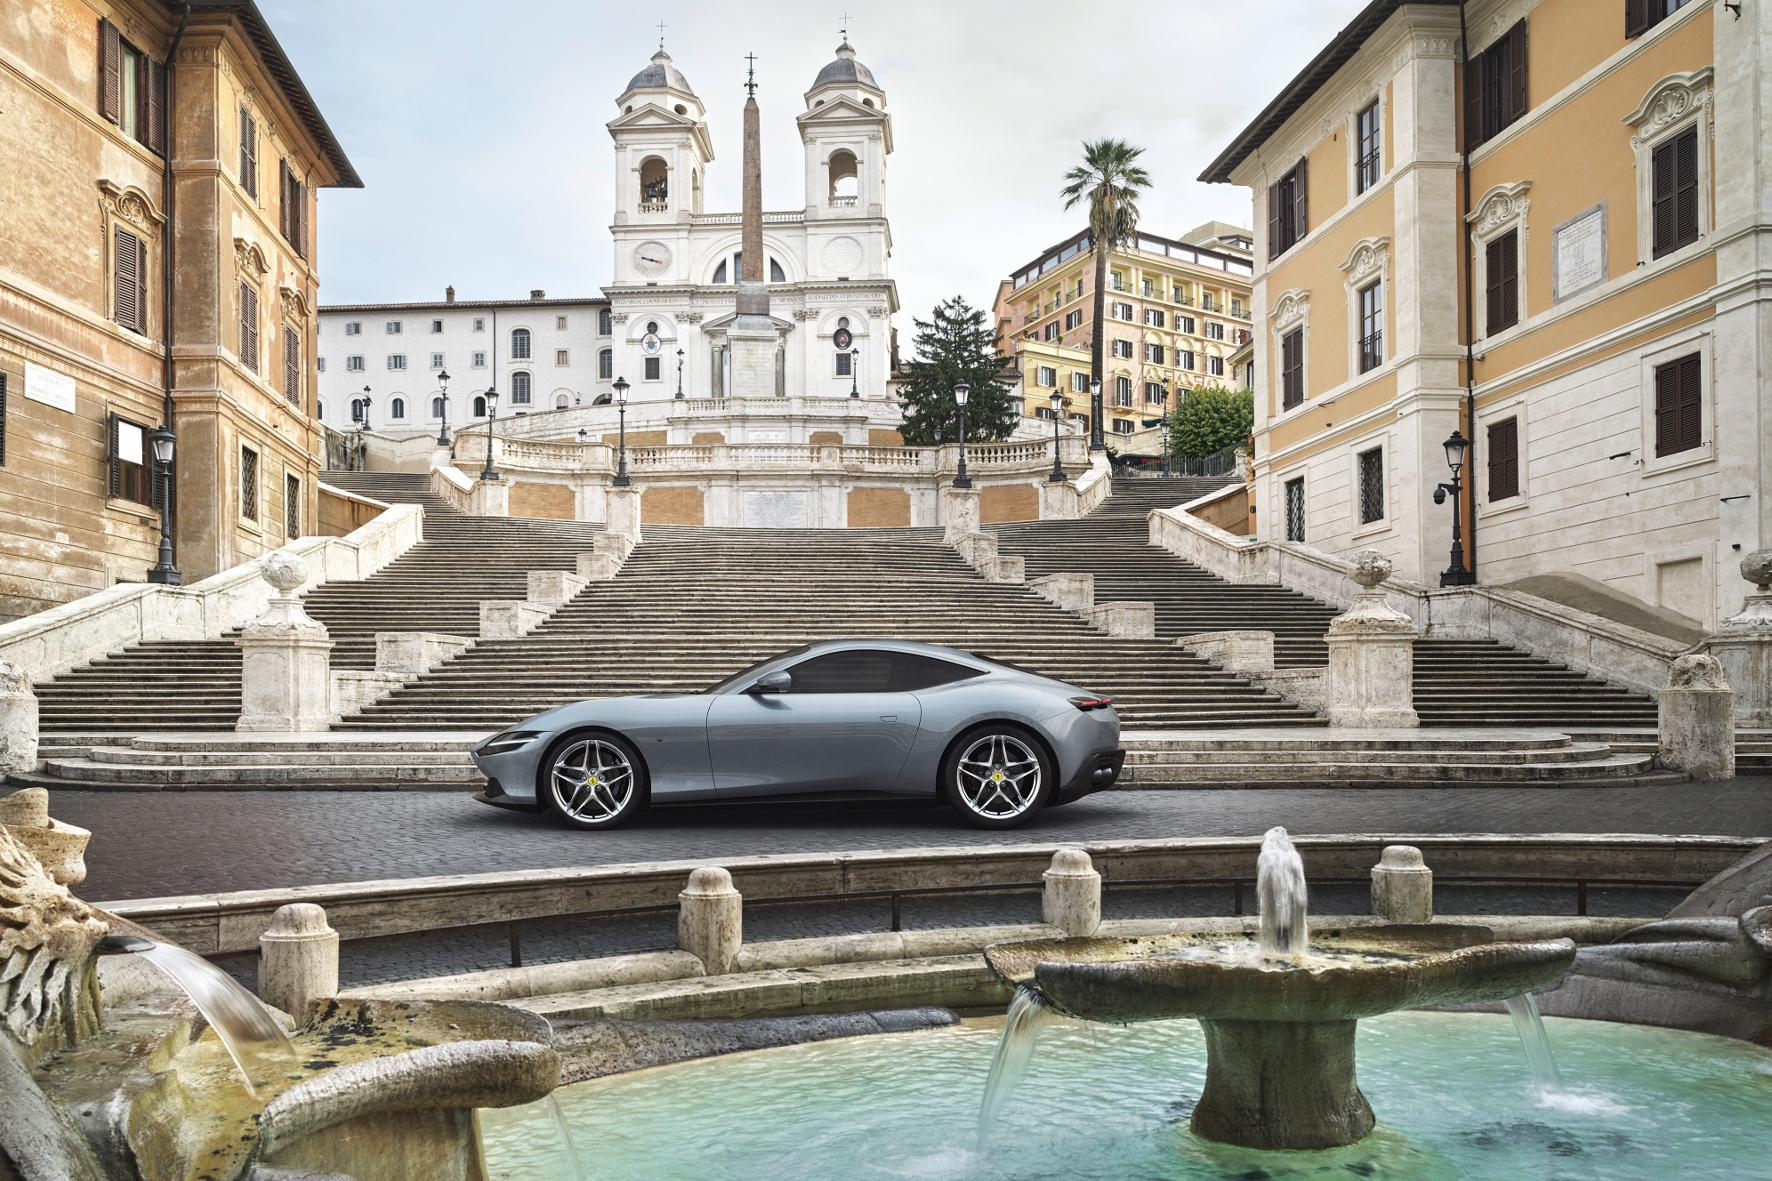 mid Groß-Gerau - Auch vor der Spanischen Treppe in Rom macht der Sportler eine gute Figur. Ferrari